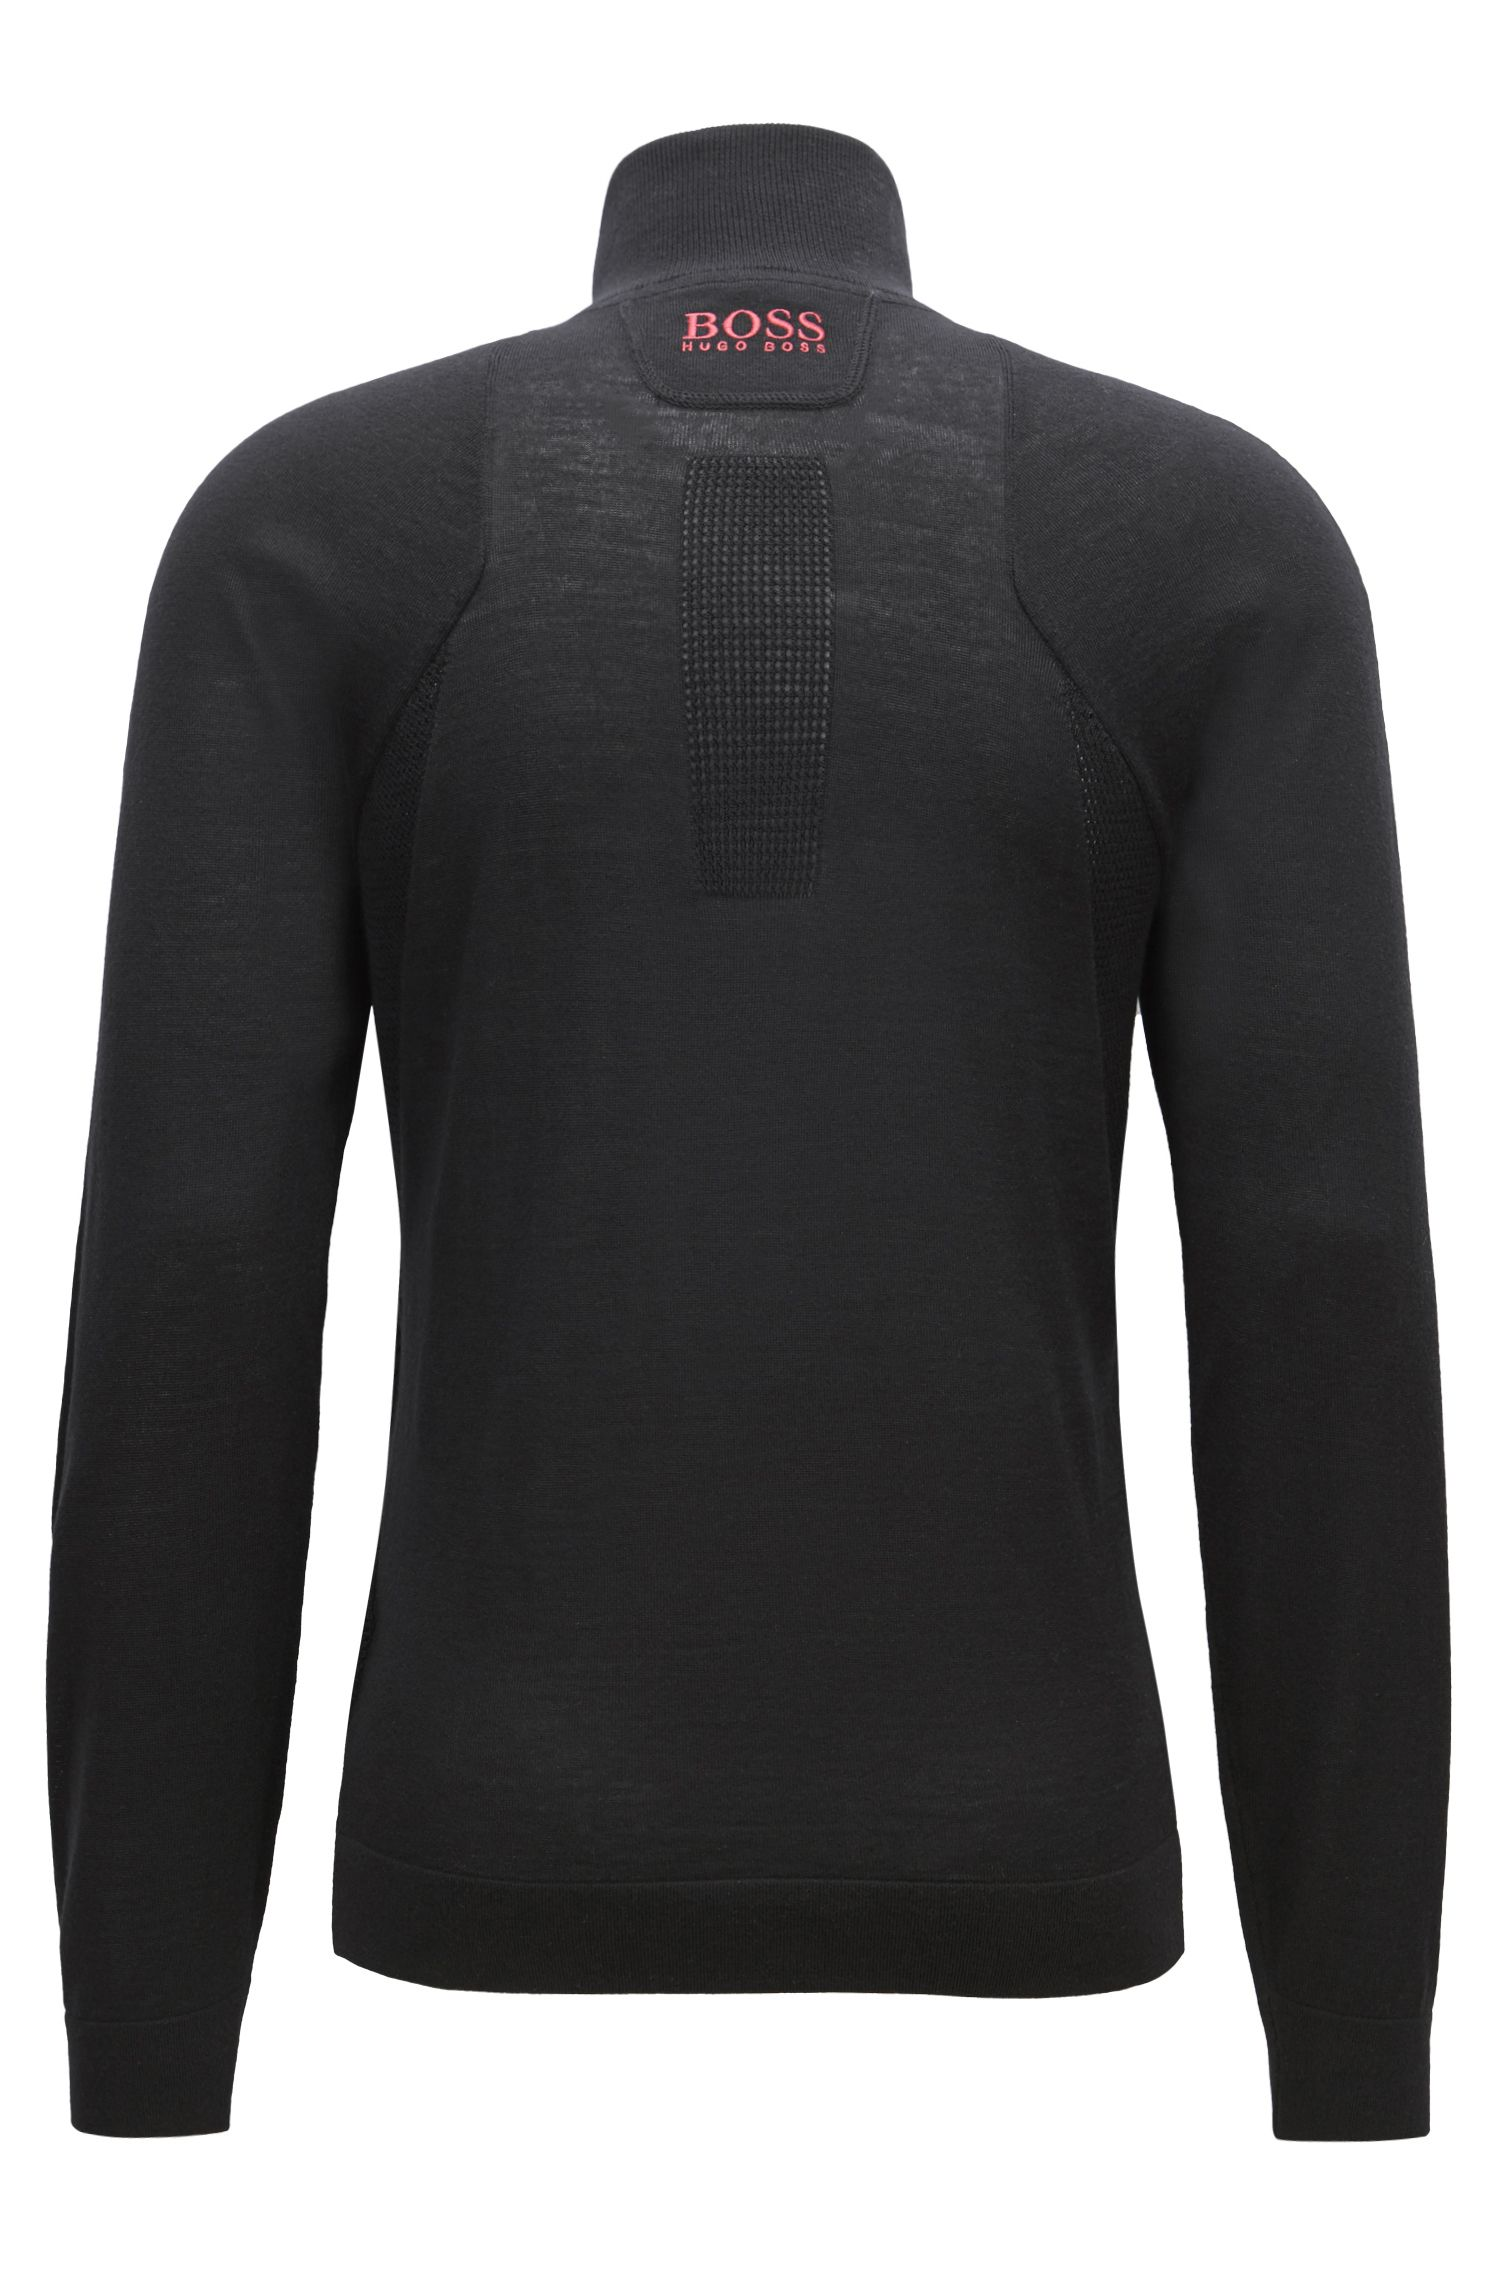 Maglione con colletto con zip in lana merino idrorepellente, Nero